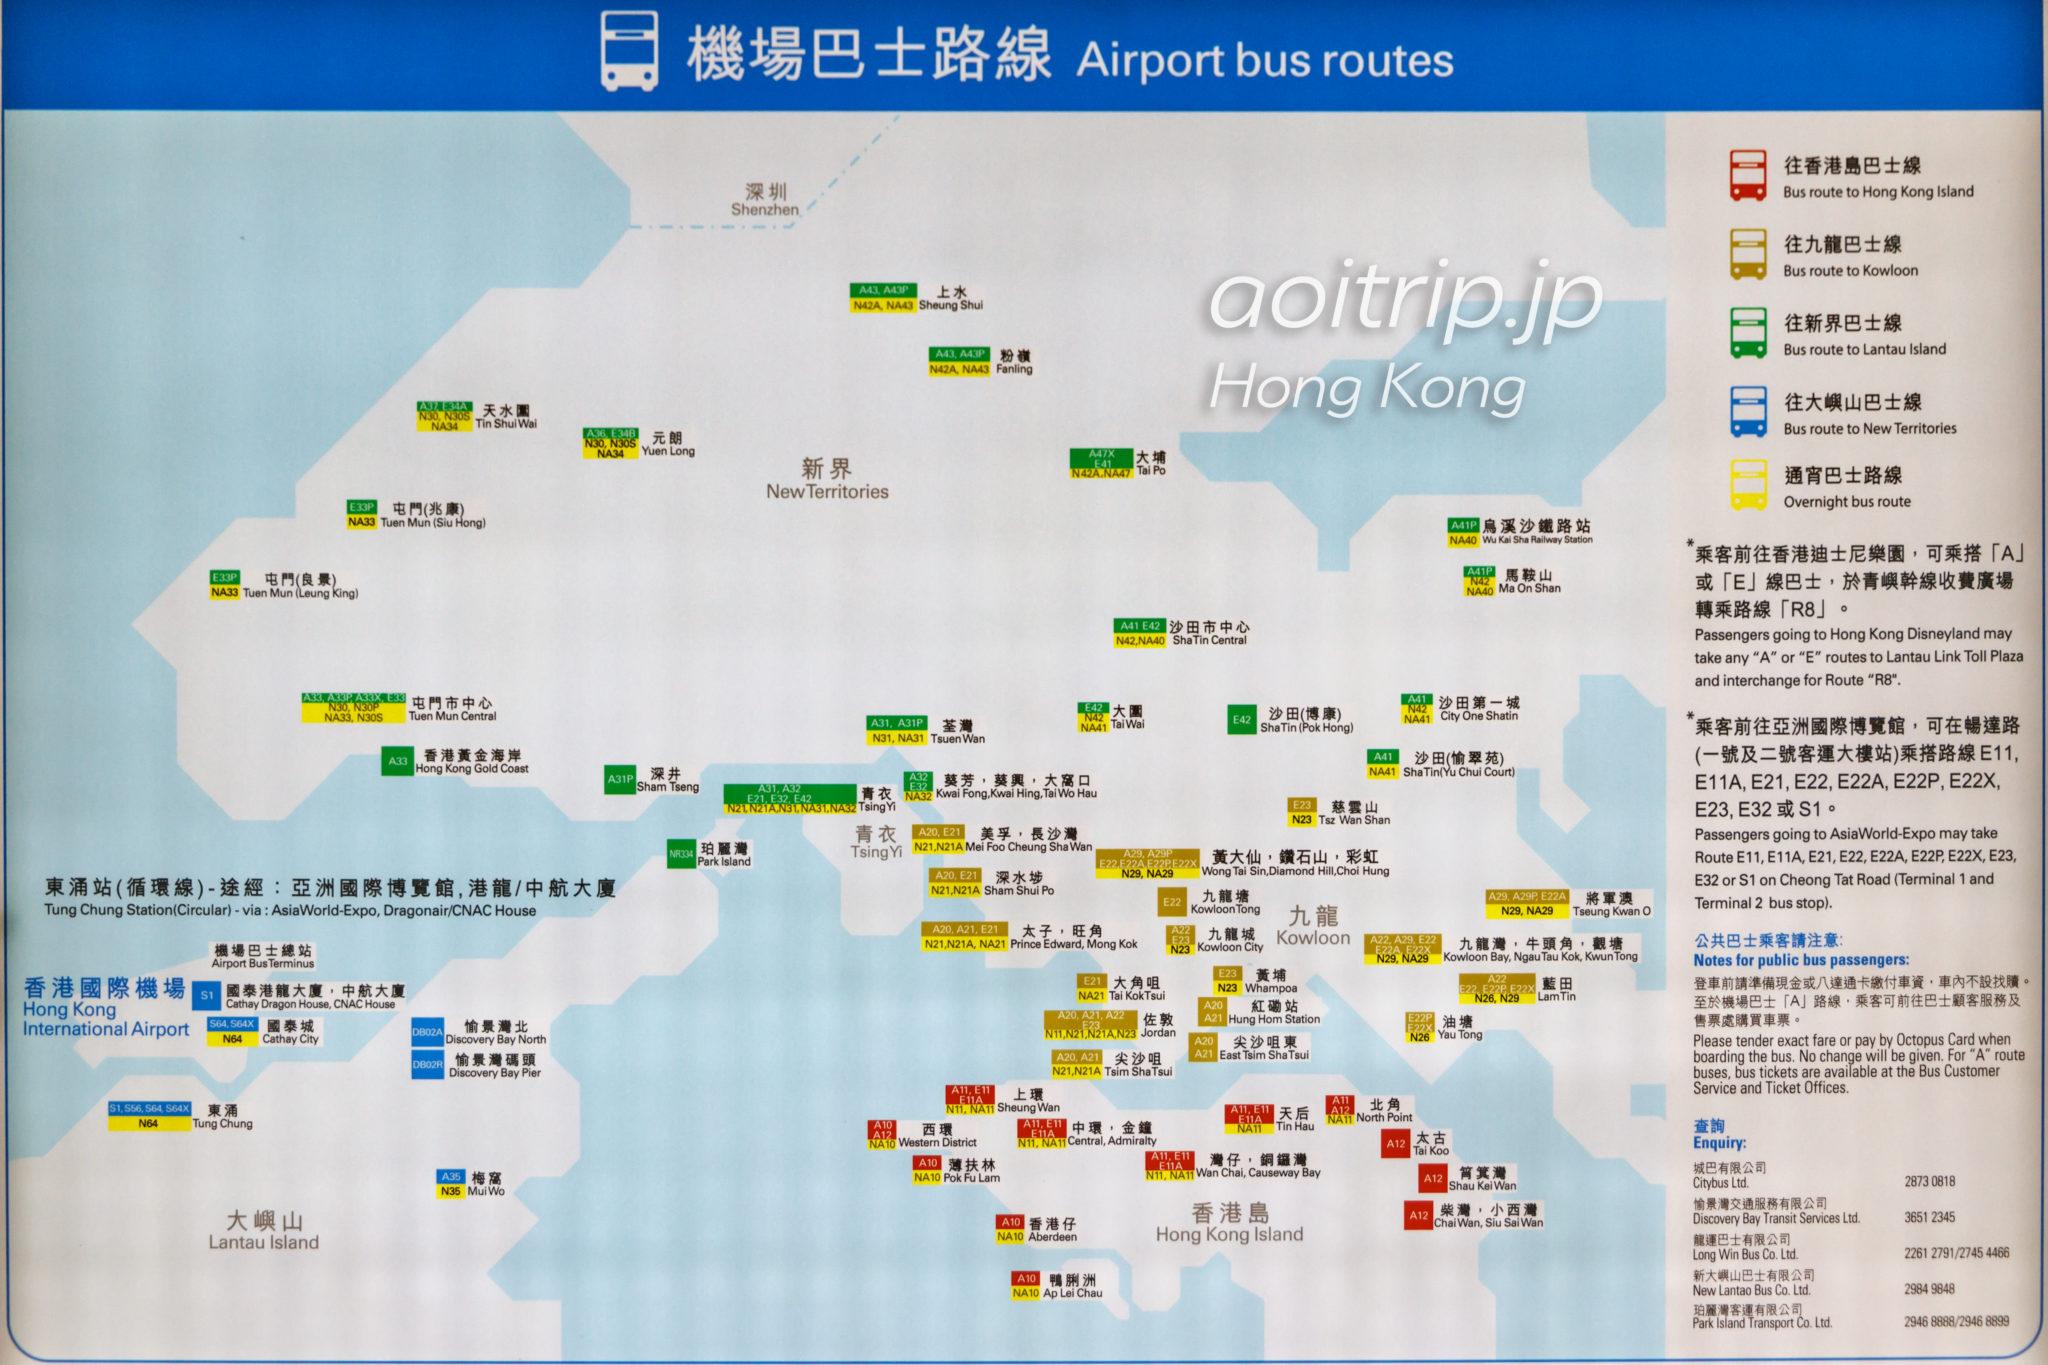 香港空港バスの路線図